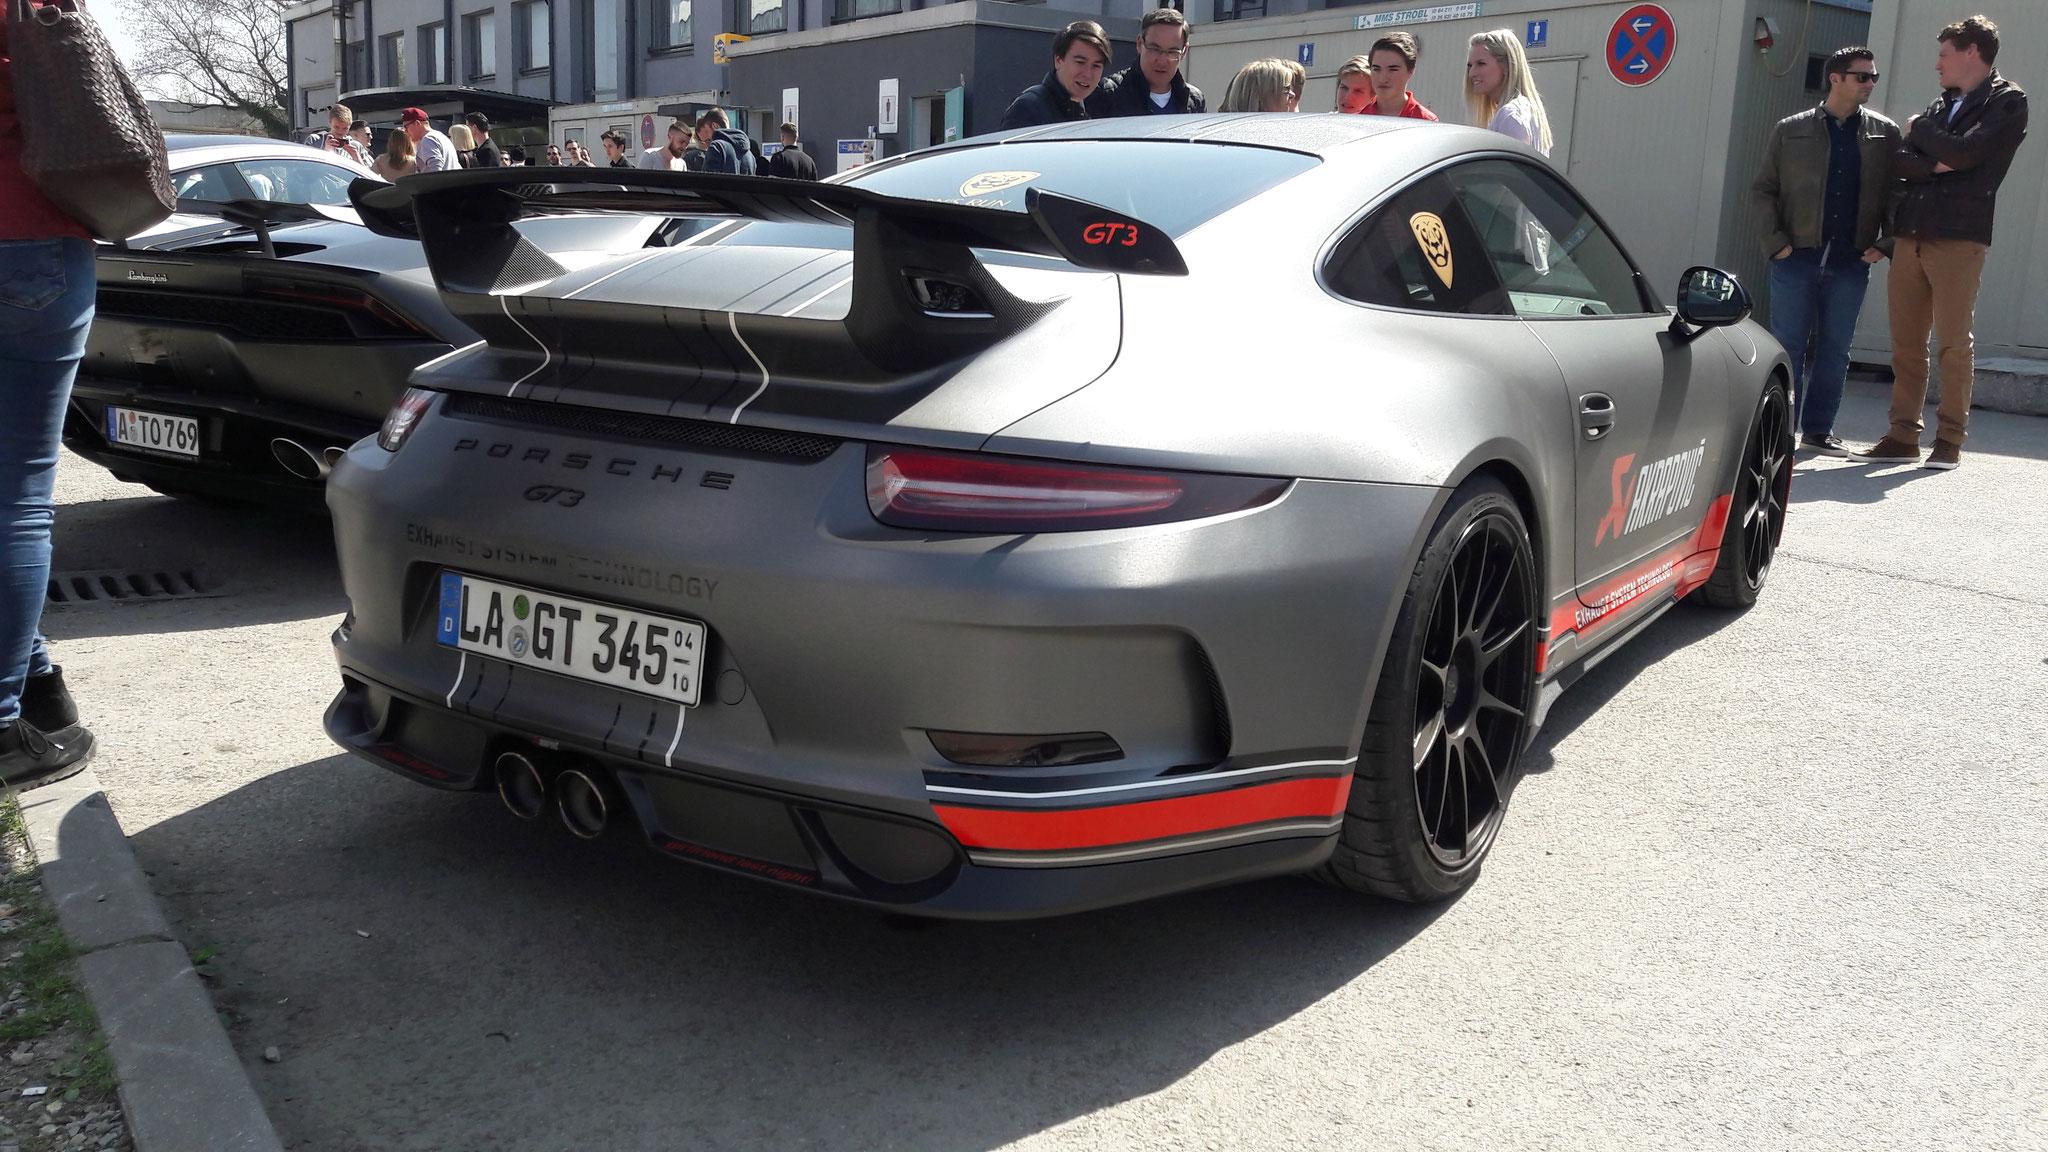 Porsche 991 GT3 - LA-GT-345